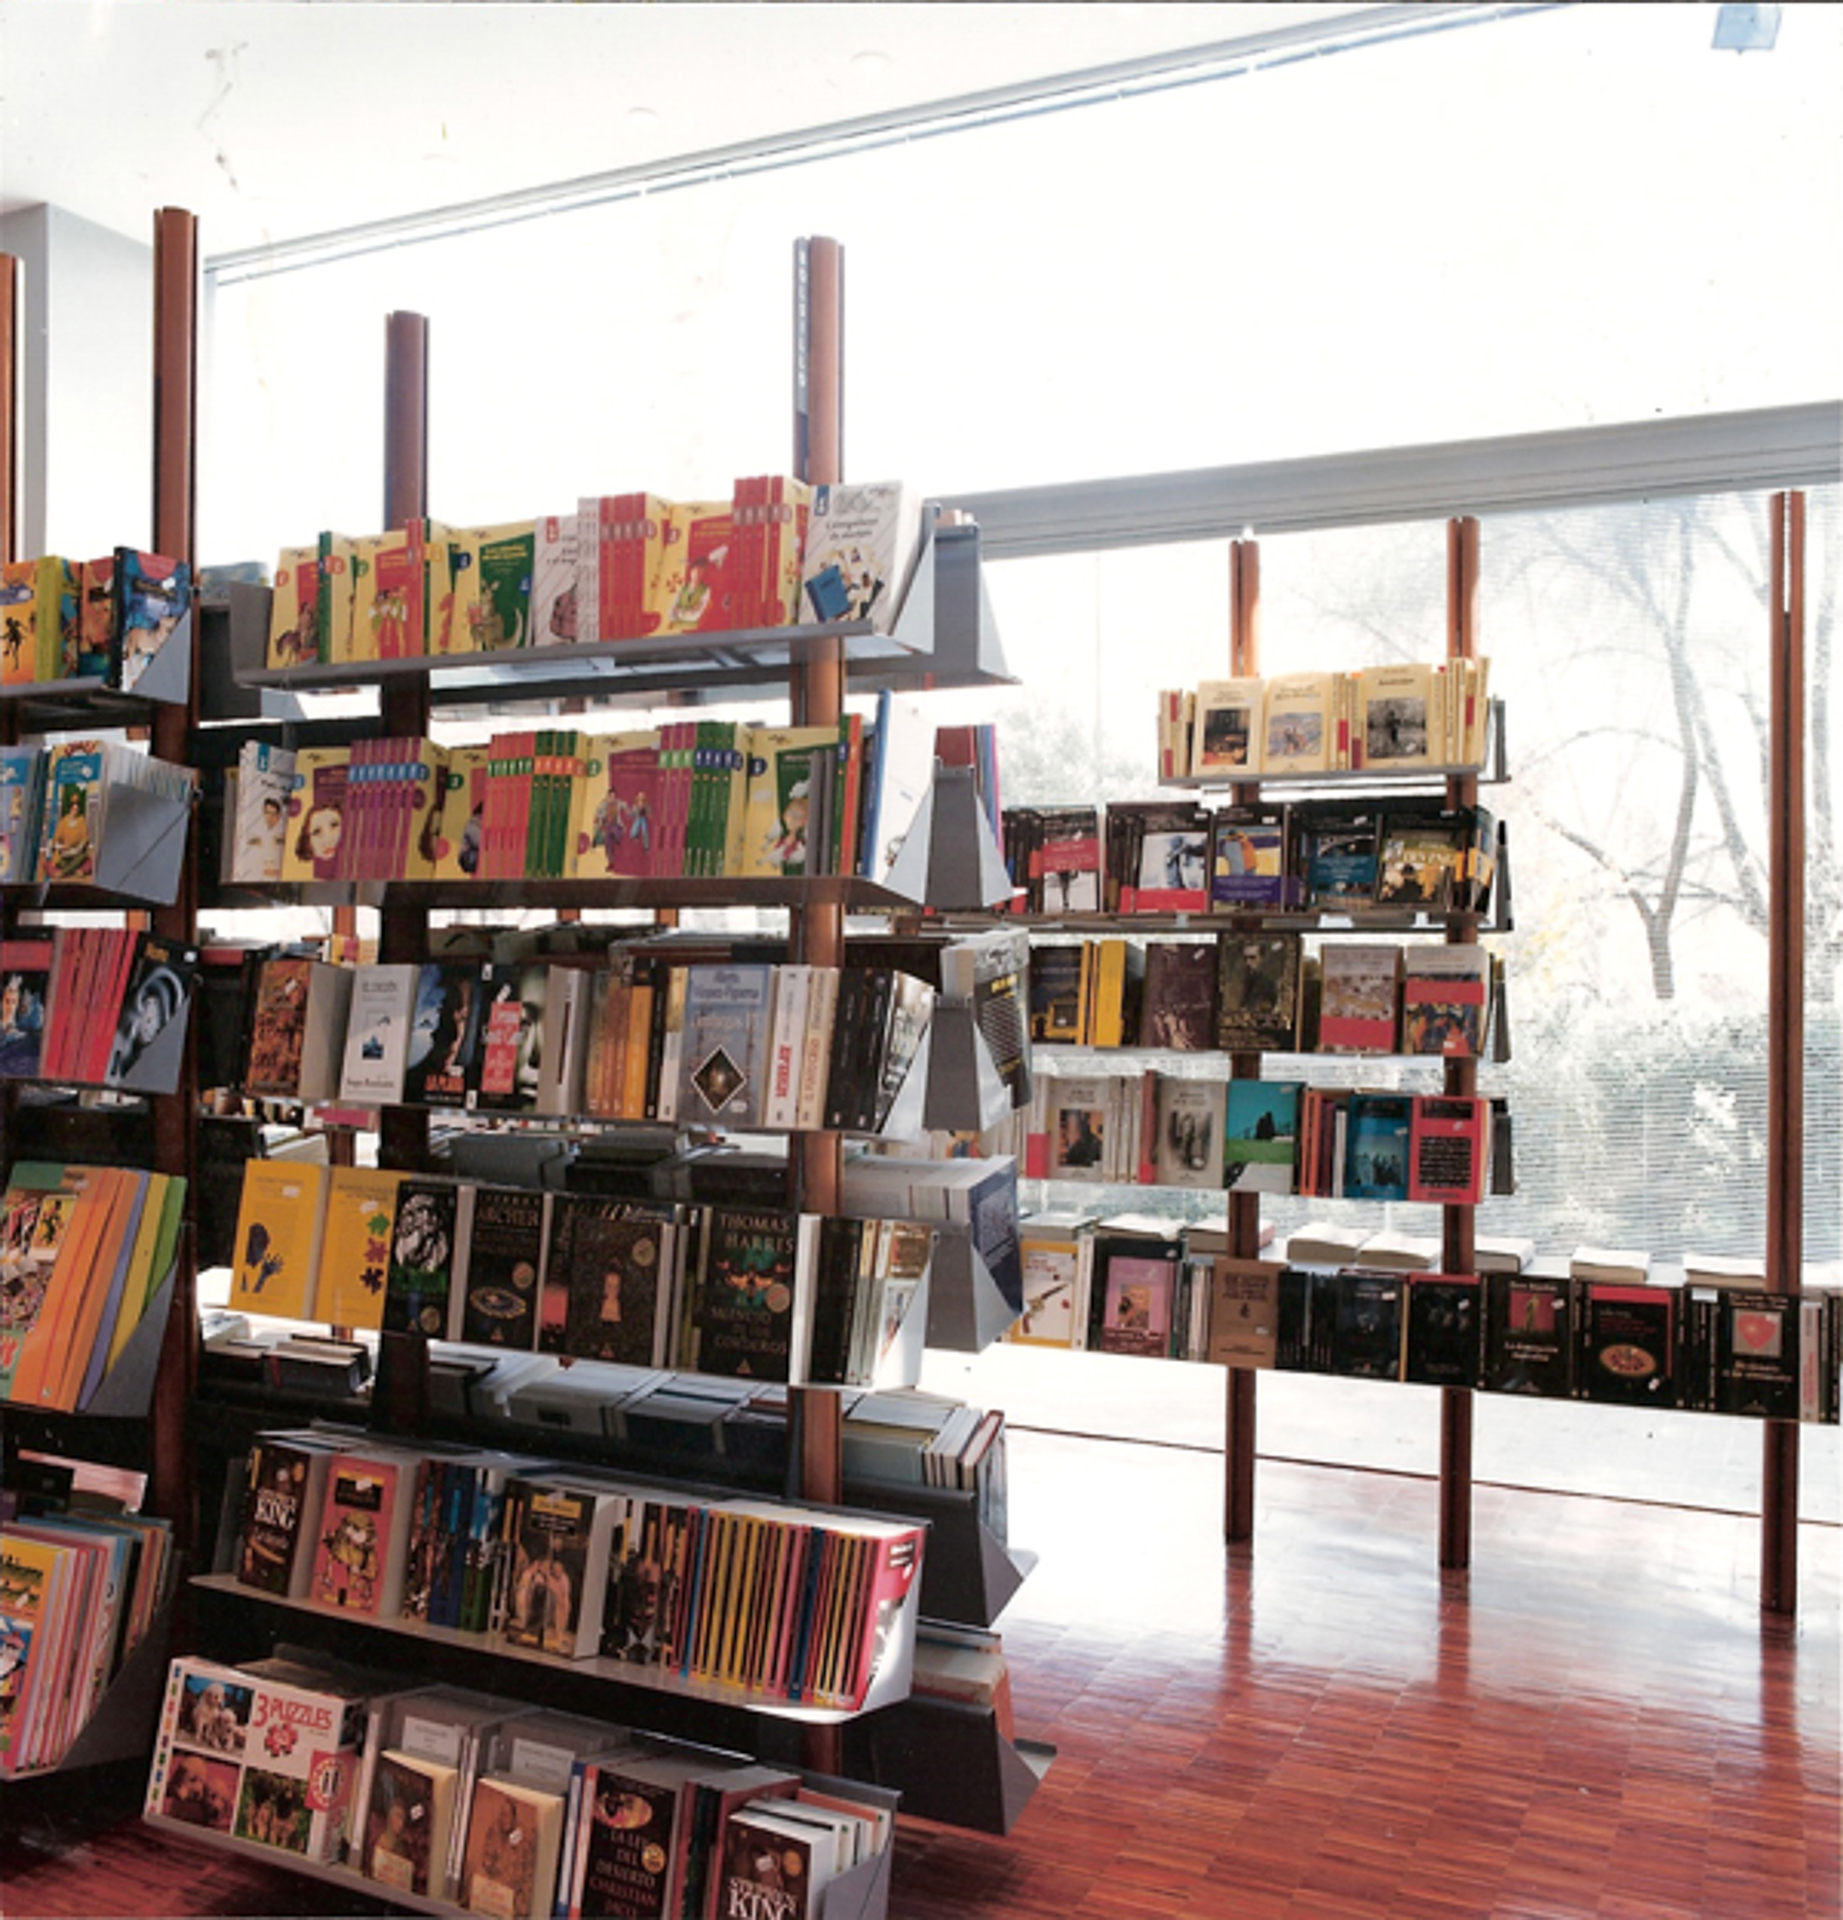 Libreria el bosque